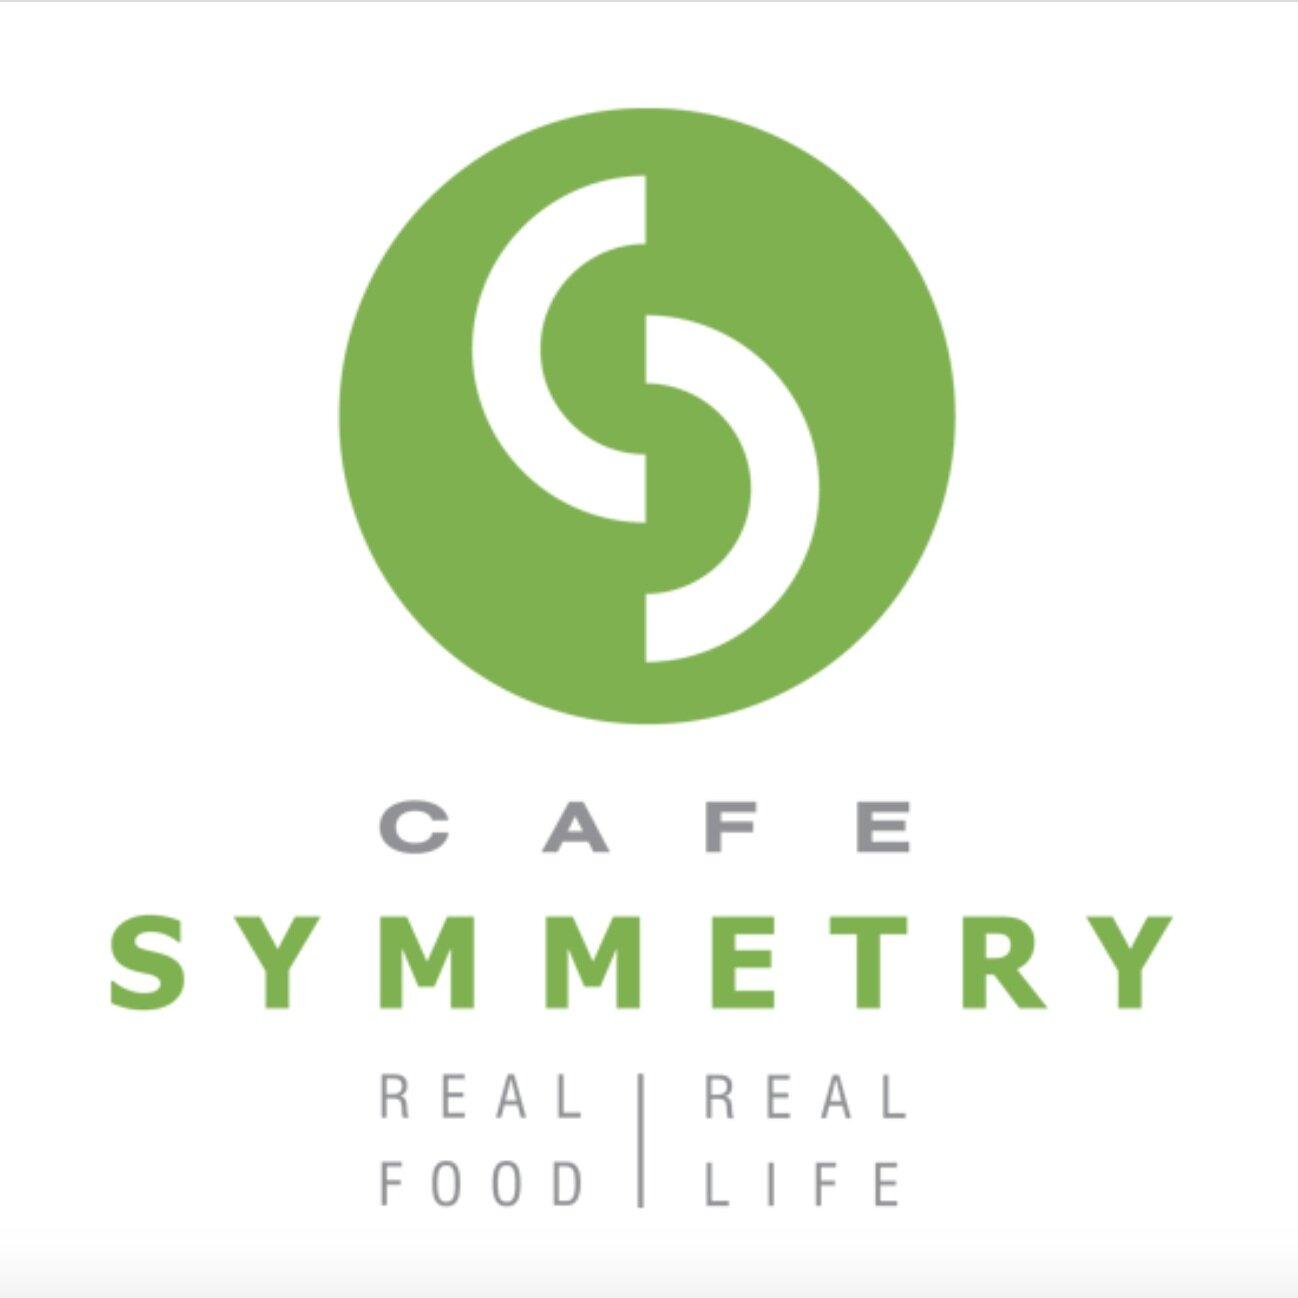 Cafe Symmetry